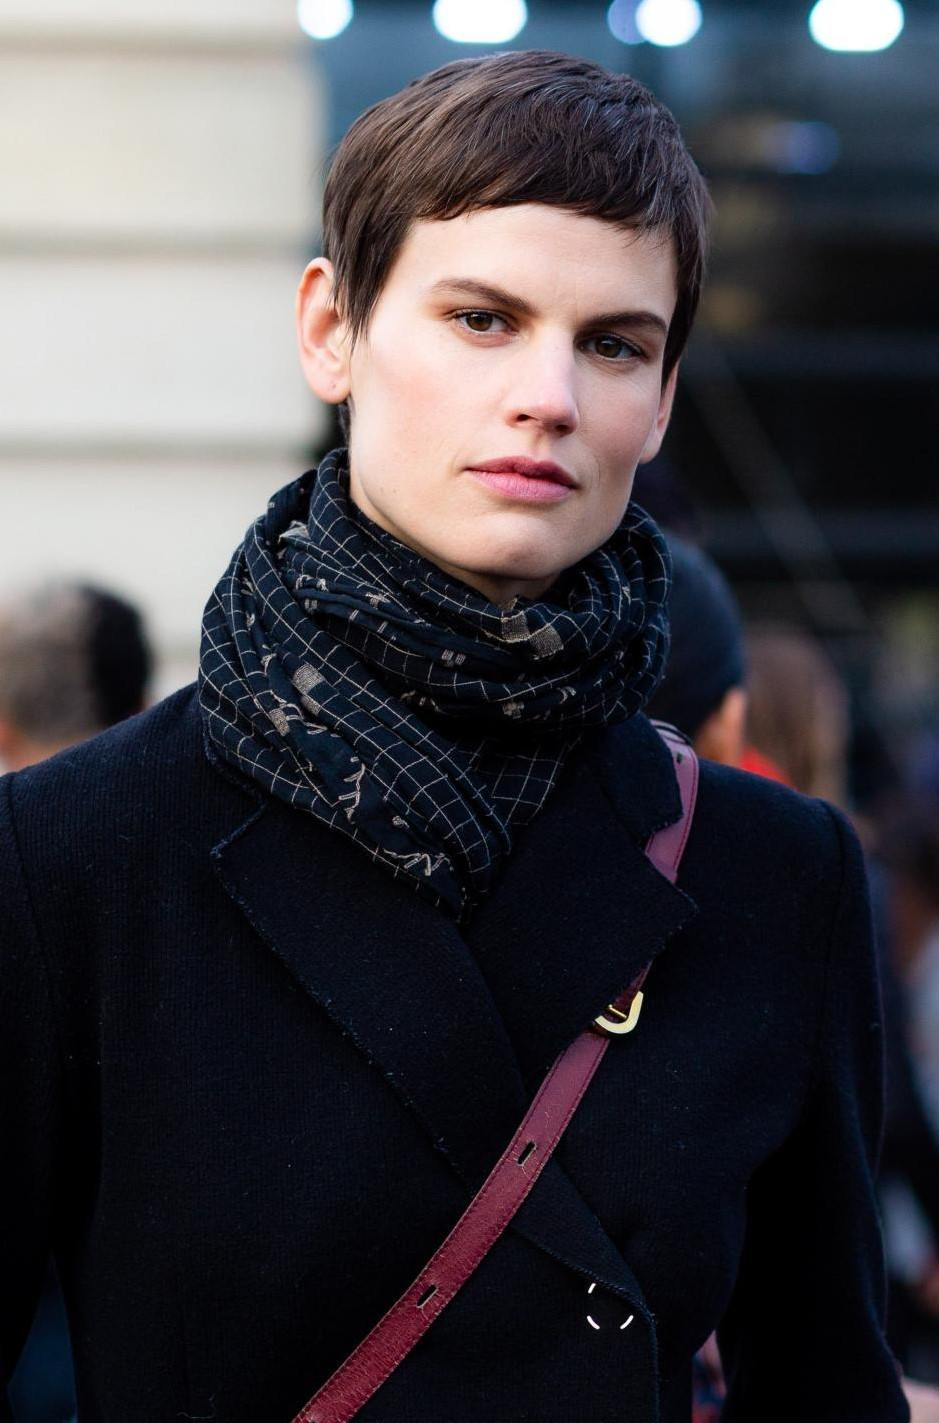 Femme aux cheveux coupés : photo de rue d'une femme brune à la coupe de lutin, à la frange courte, portant un manteau et un foulard